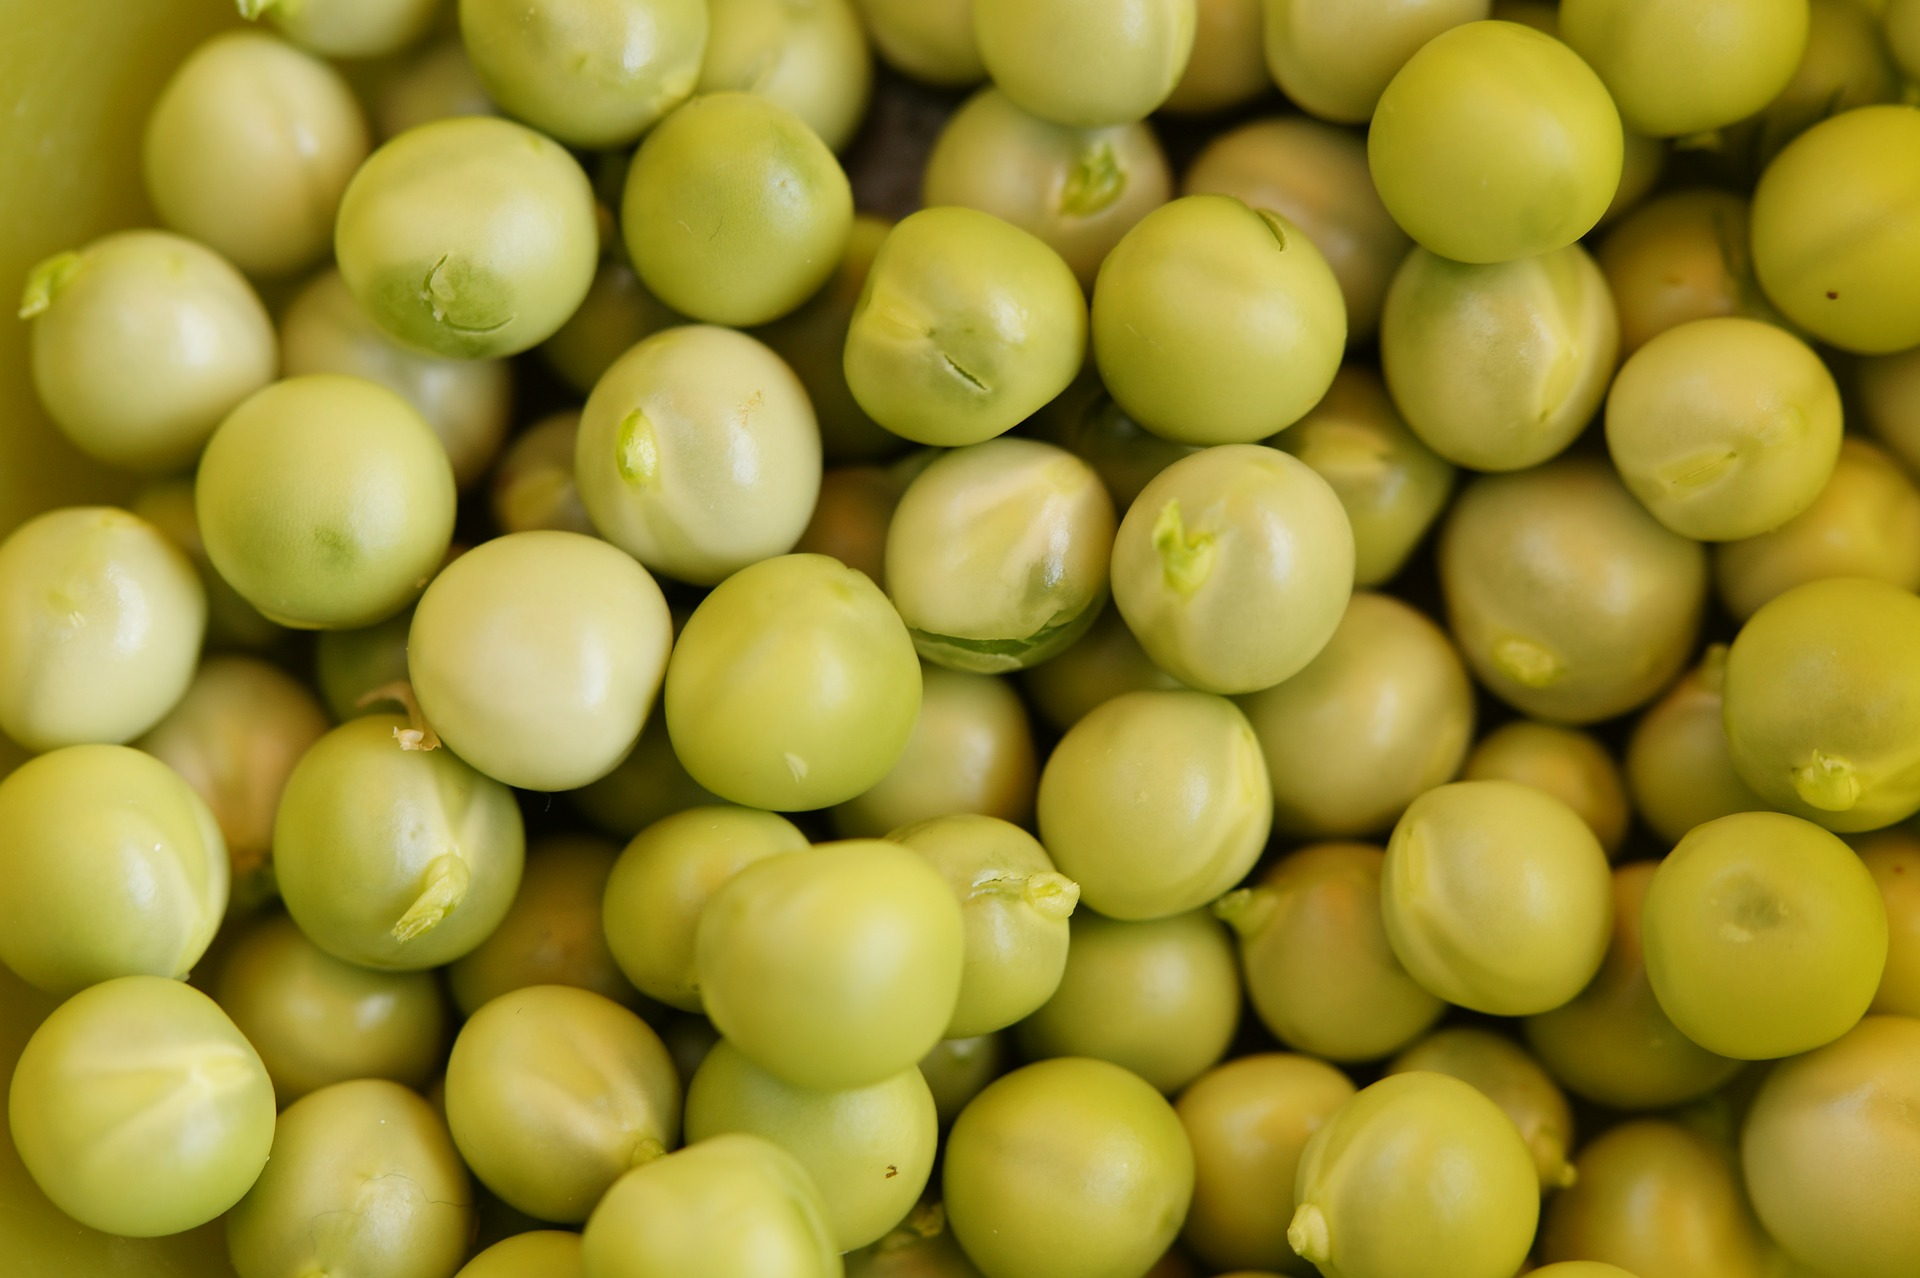 peas-382298_1920